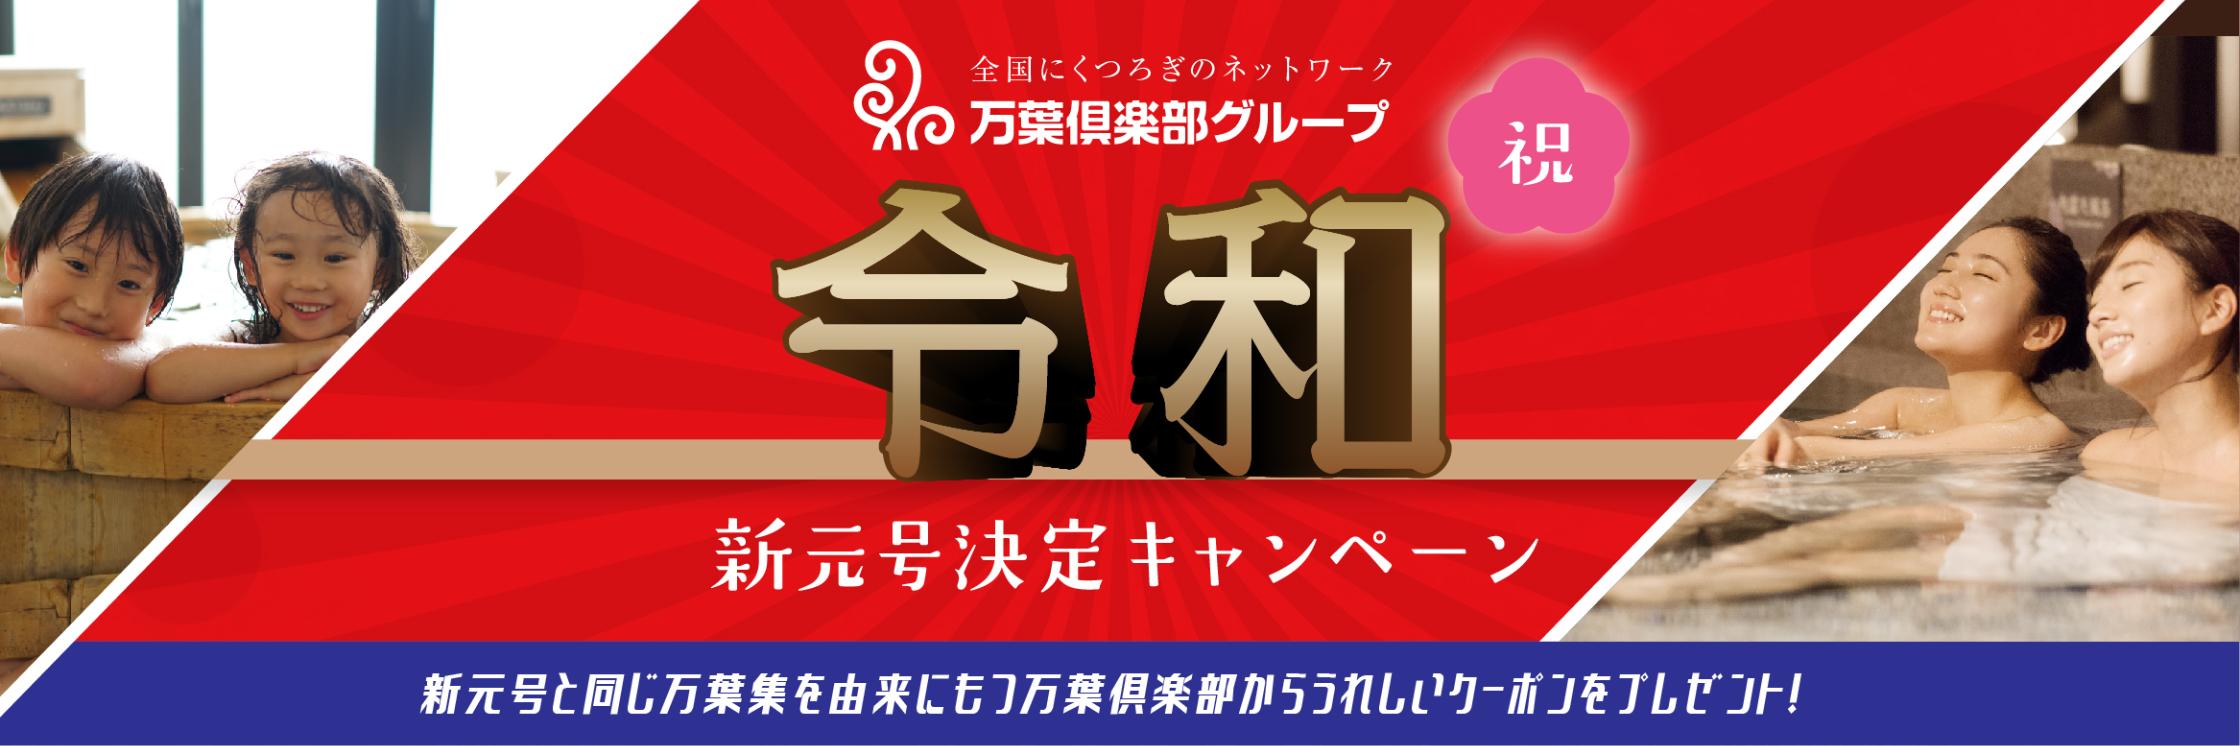 新元号決定キャンペーンロゴプレート